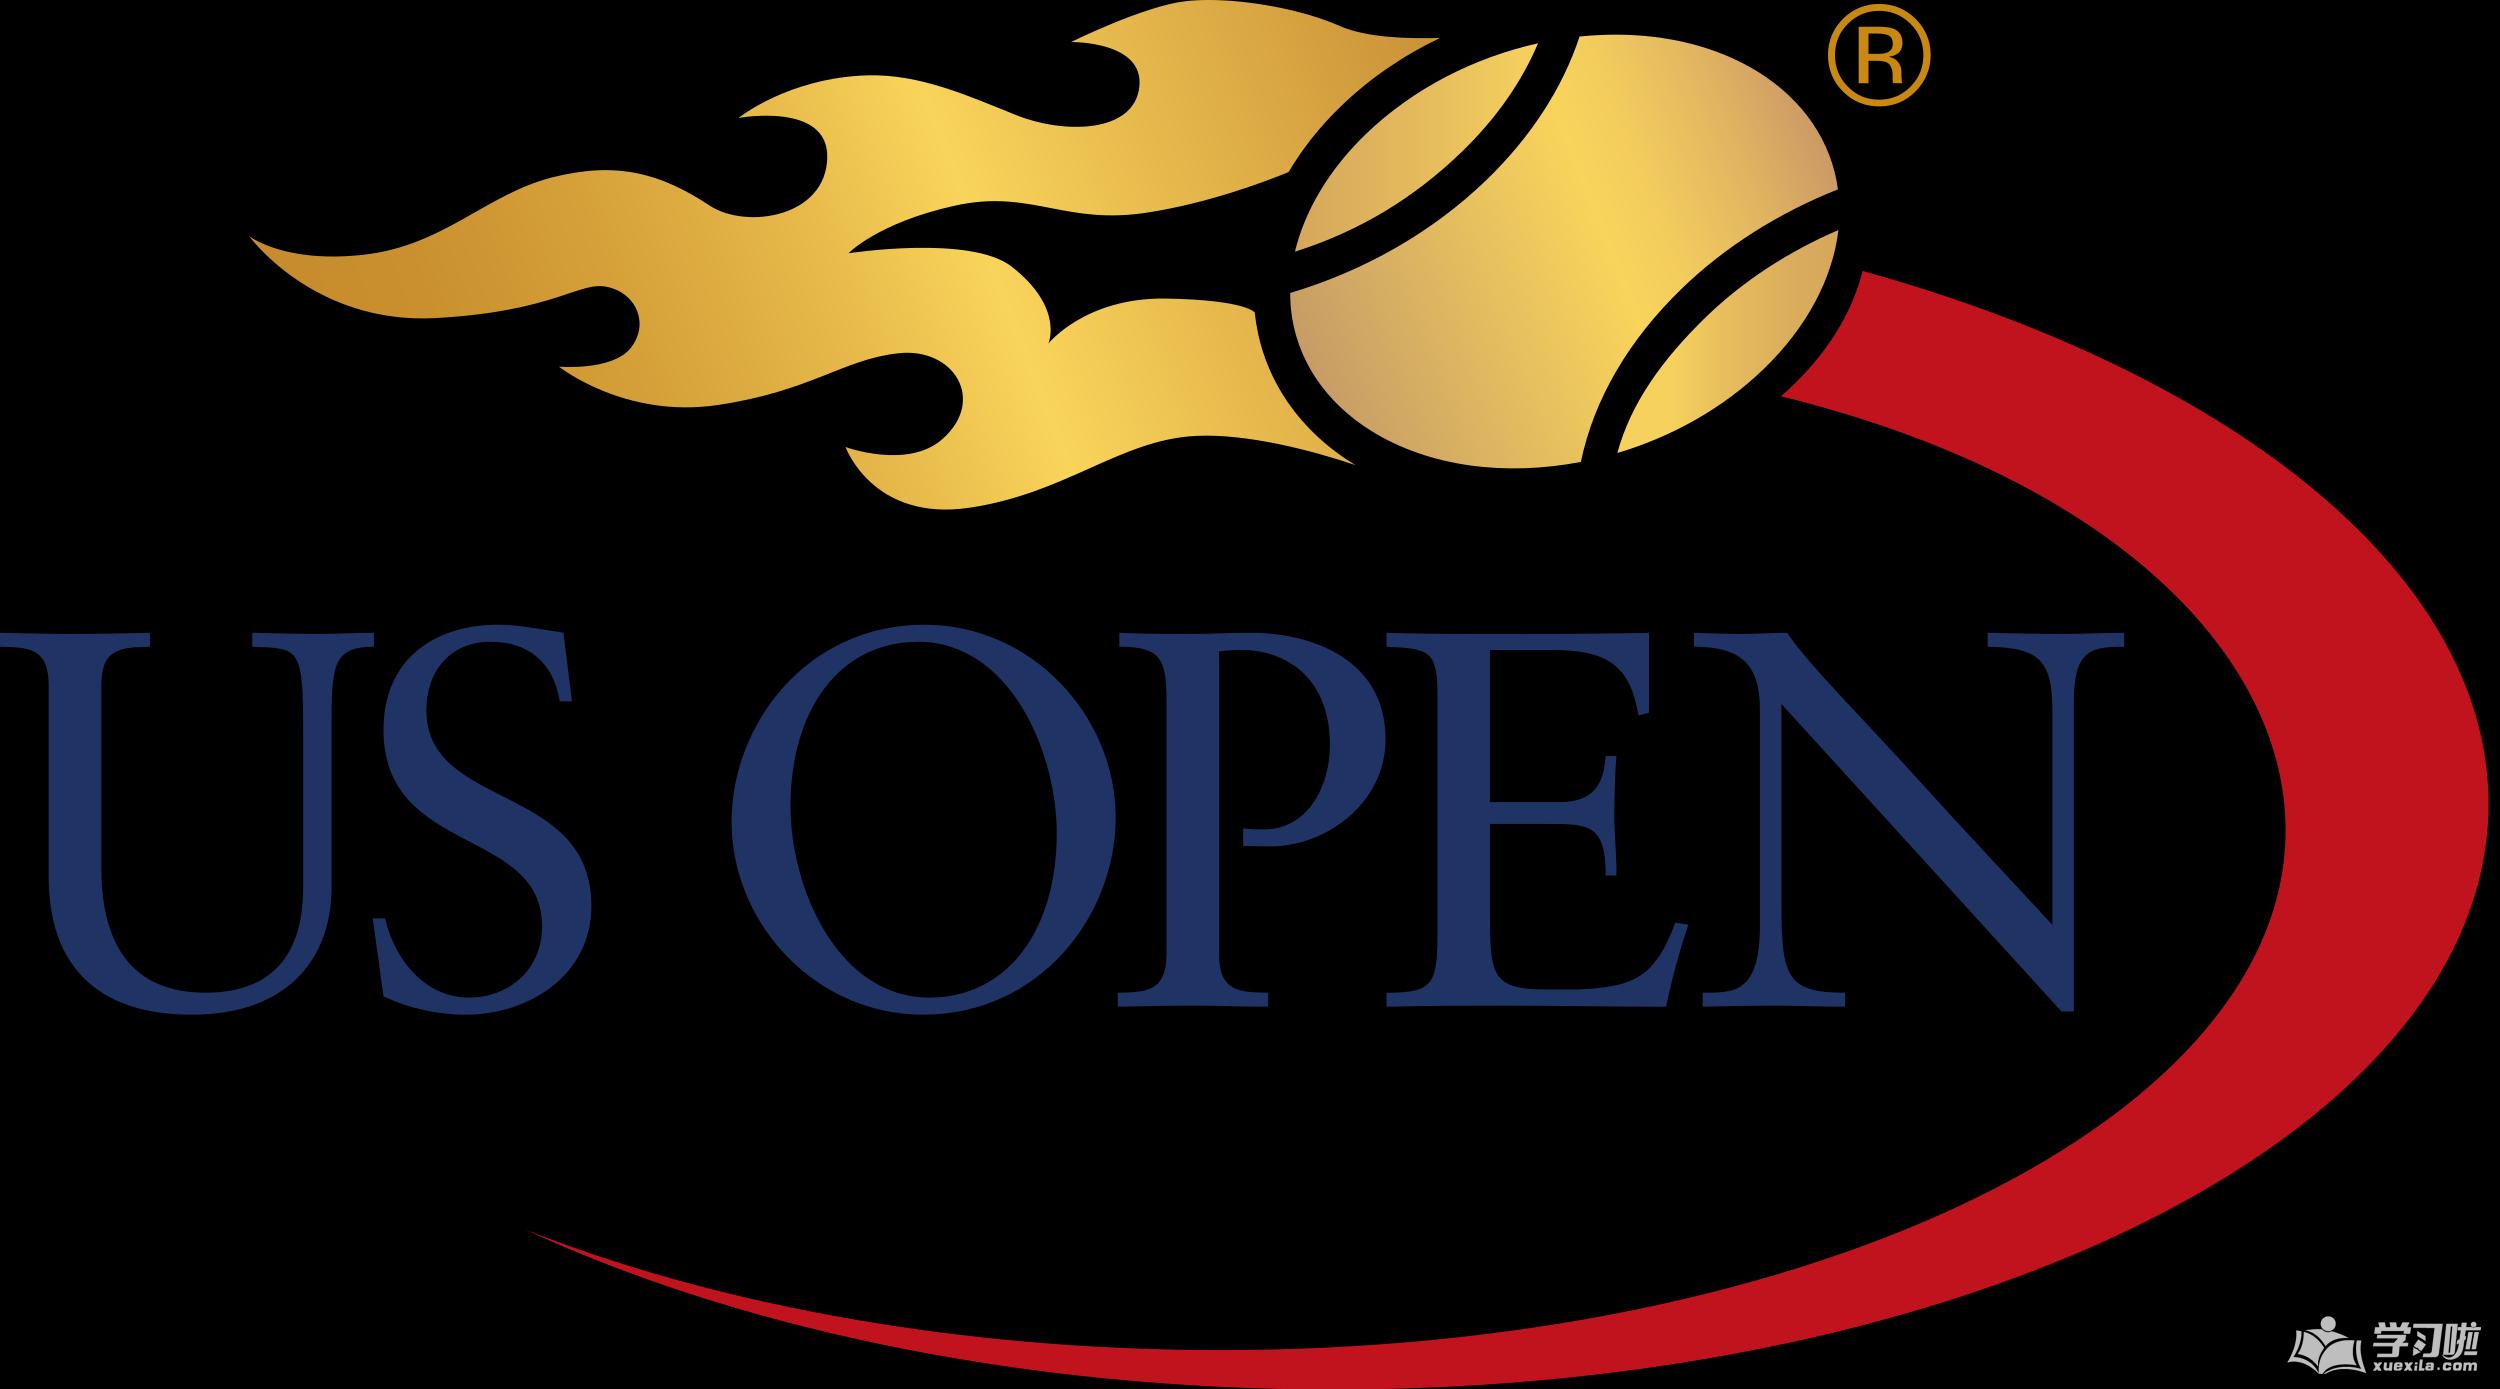 美国网球公开赛2018赛程_【2017年美国网球公开赛赛程】2017美网公开赛赛程安排表 2017美网公开赛赛程时间表